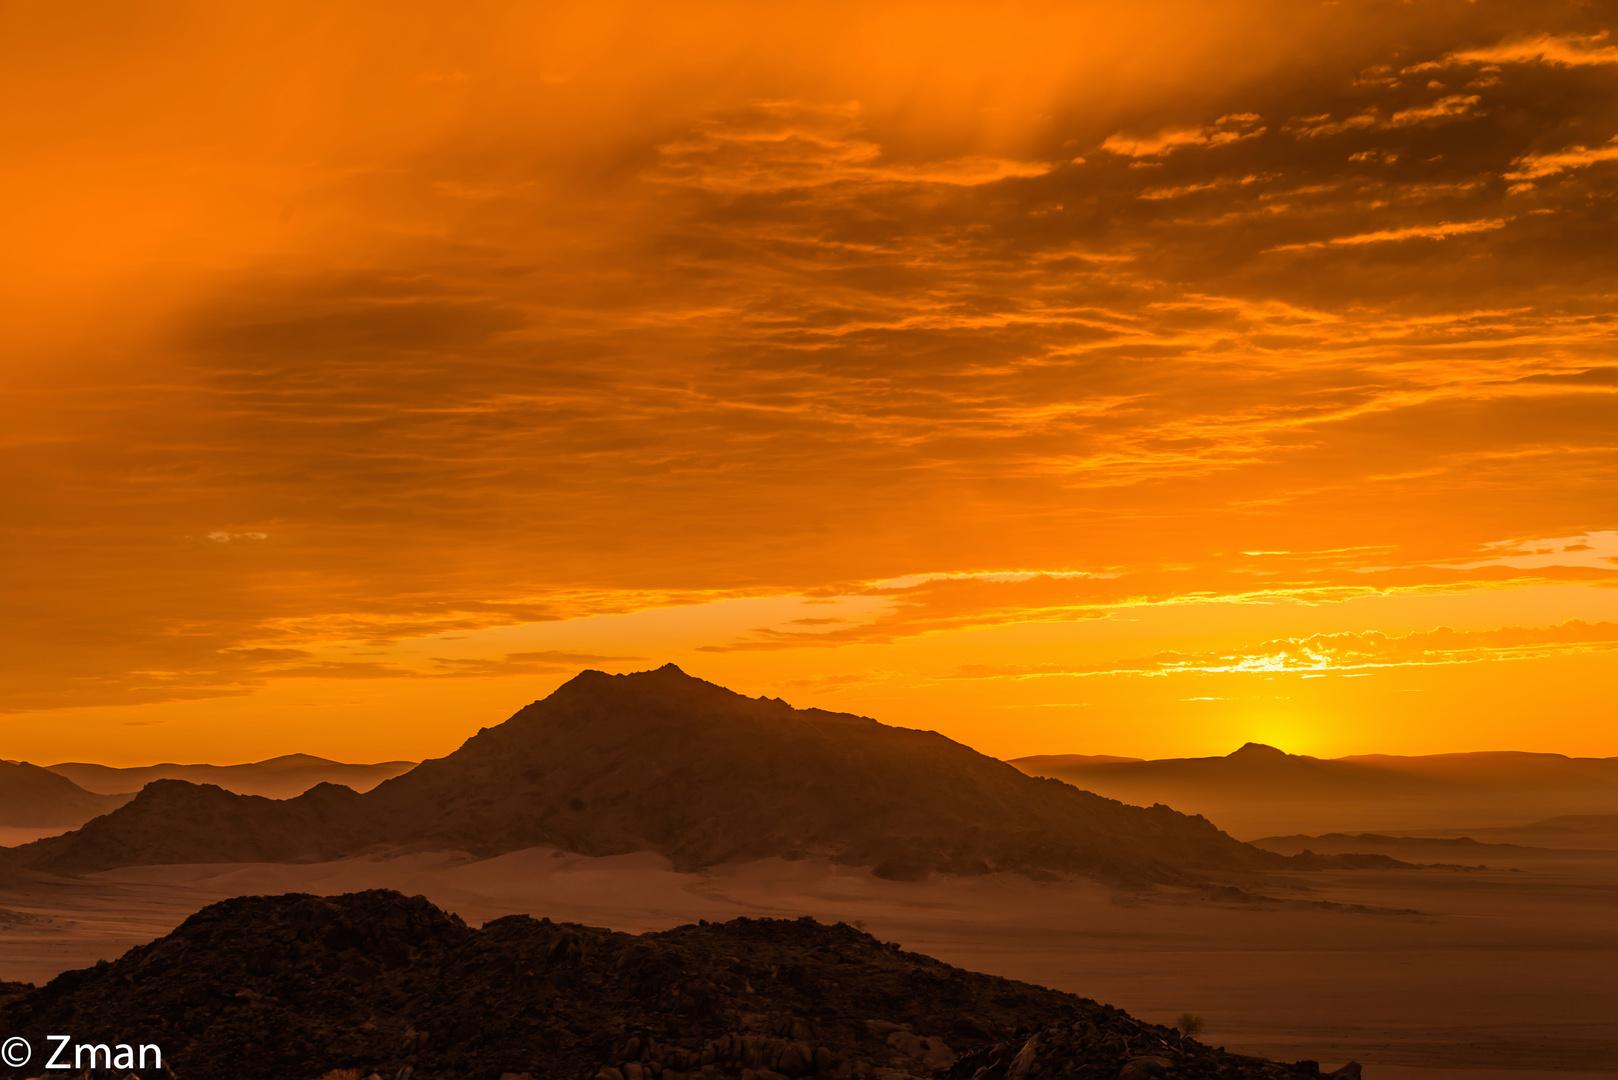 Sunset in The Namibian Desert 03